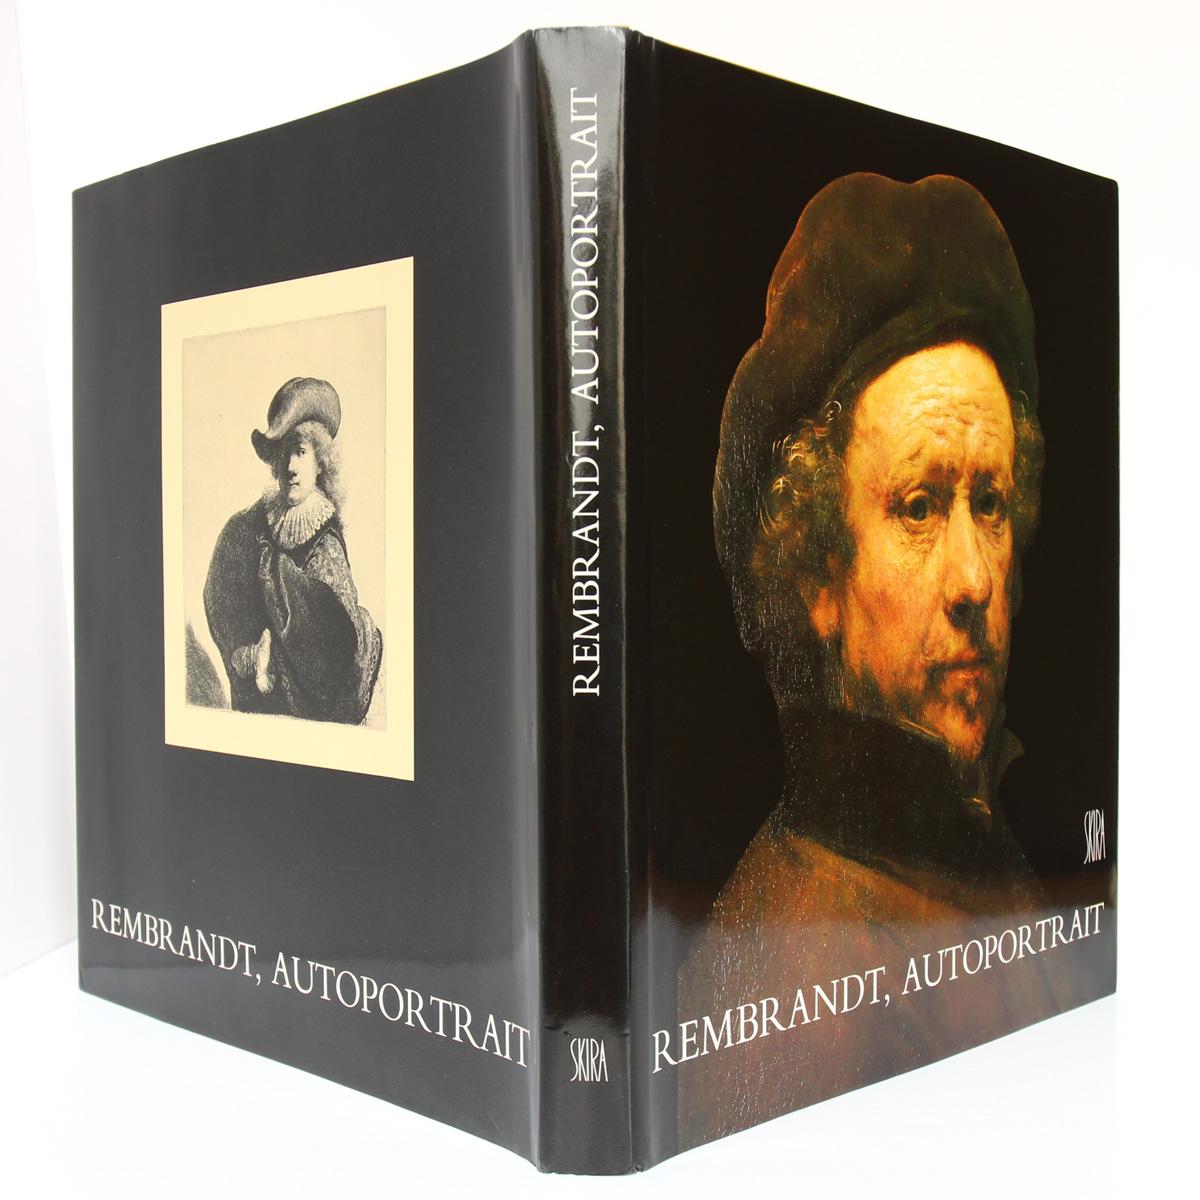 Rembrandt, autoportrait. Pascal Bonafoux. Skira 1985. Couvertures.